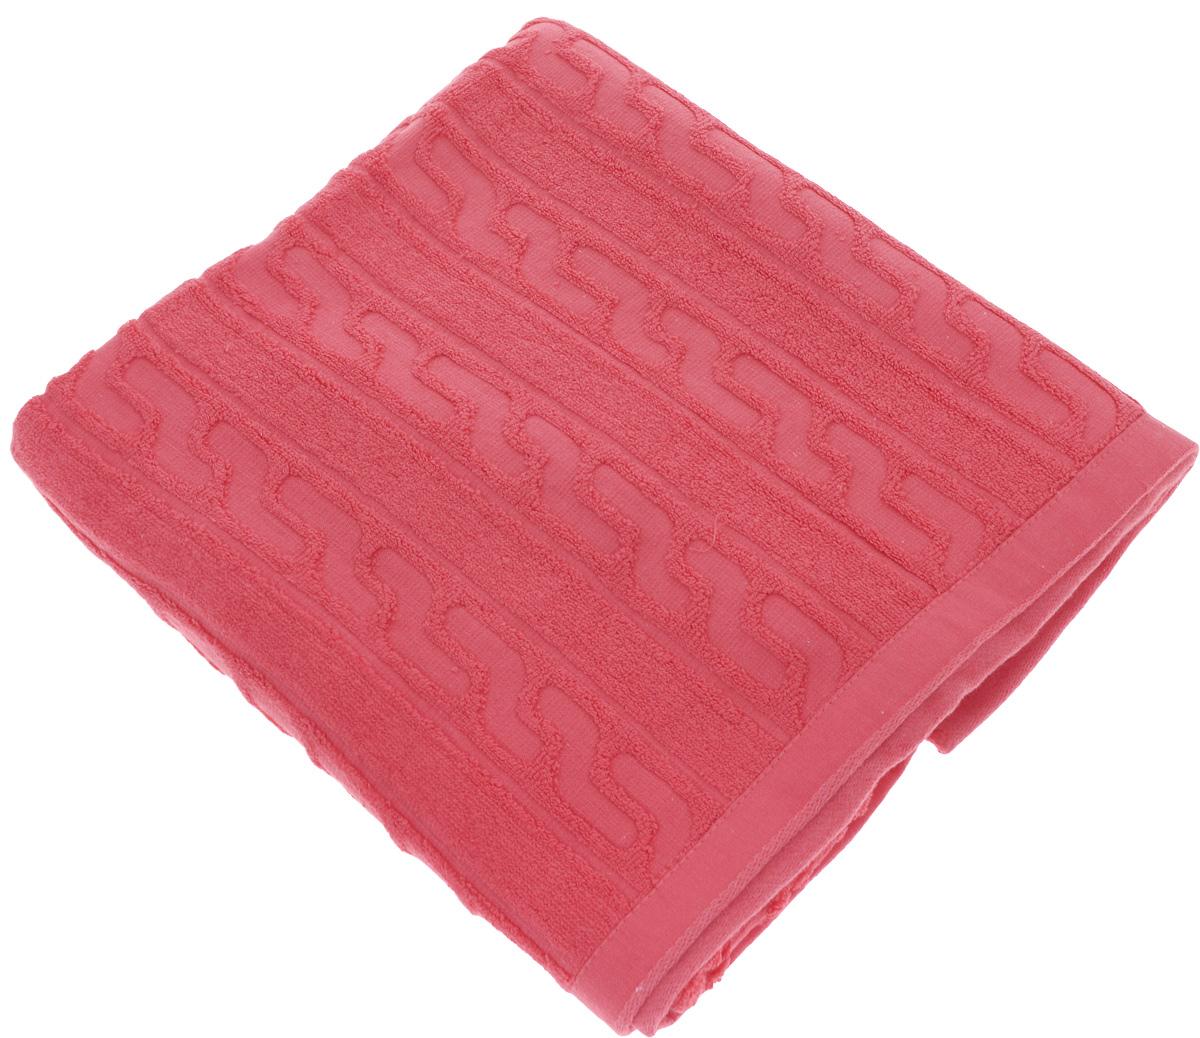 Полотенце Soavita Paolo, цвет: красный, 70 х 140 см64059Полотенце Soavita Paolo выполнено из 100% хлопка. Изделие отлично впитывает влагу, быстро сохнет, сохраняет яркость цвета и не теряет форму даже после многократных стирок. Полотенце очень практично и неприхотливо в уходе. Оно создаст прекрасное настроение и украсит интерьер в ванной комнате.